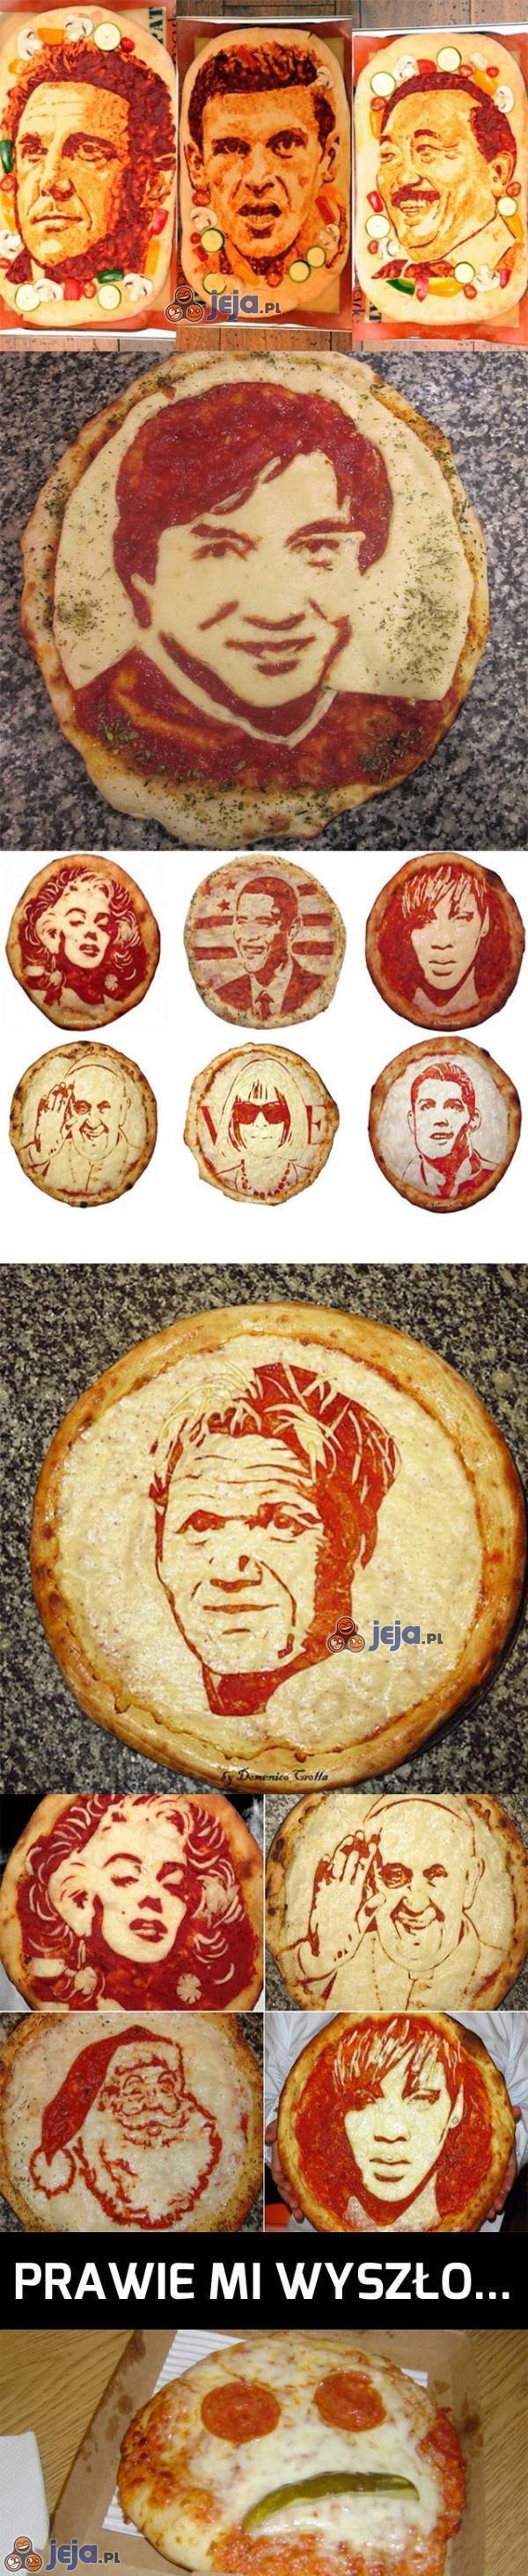 Portrety na pizzy